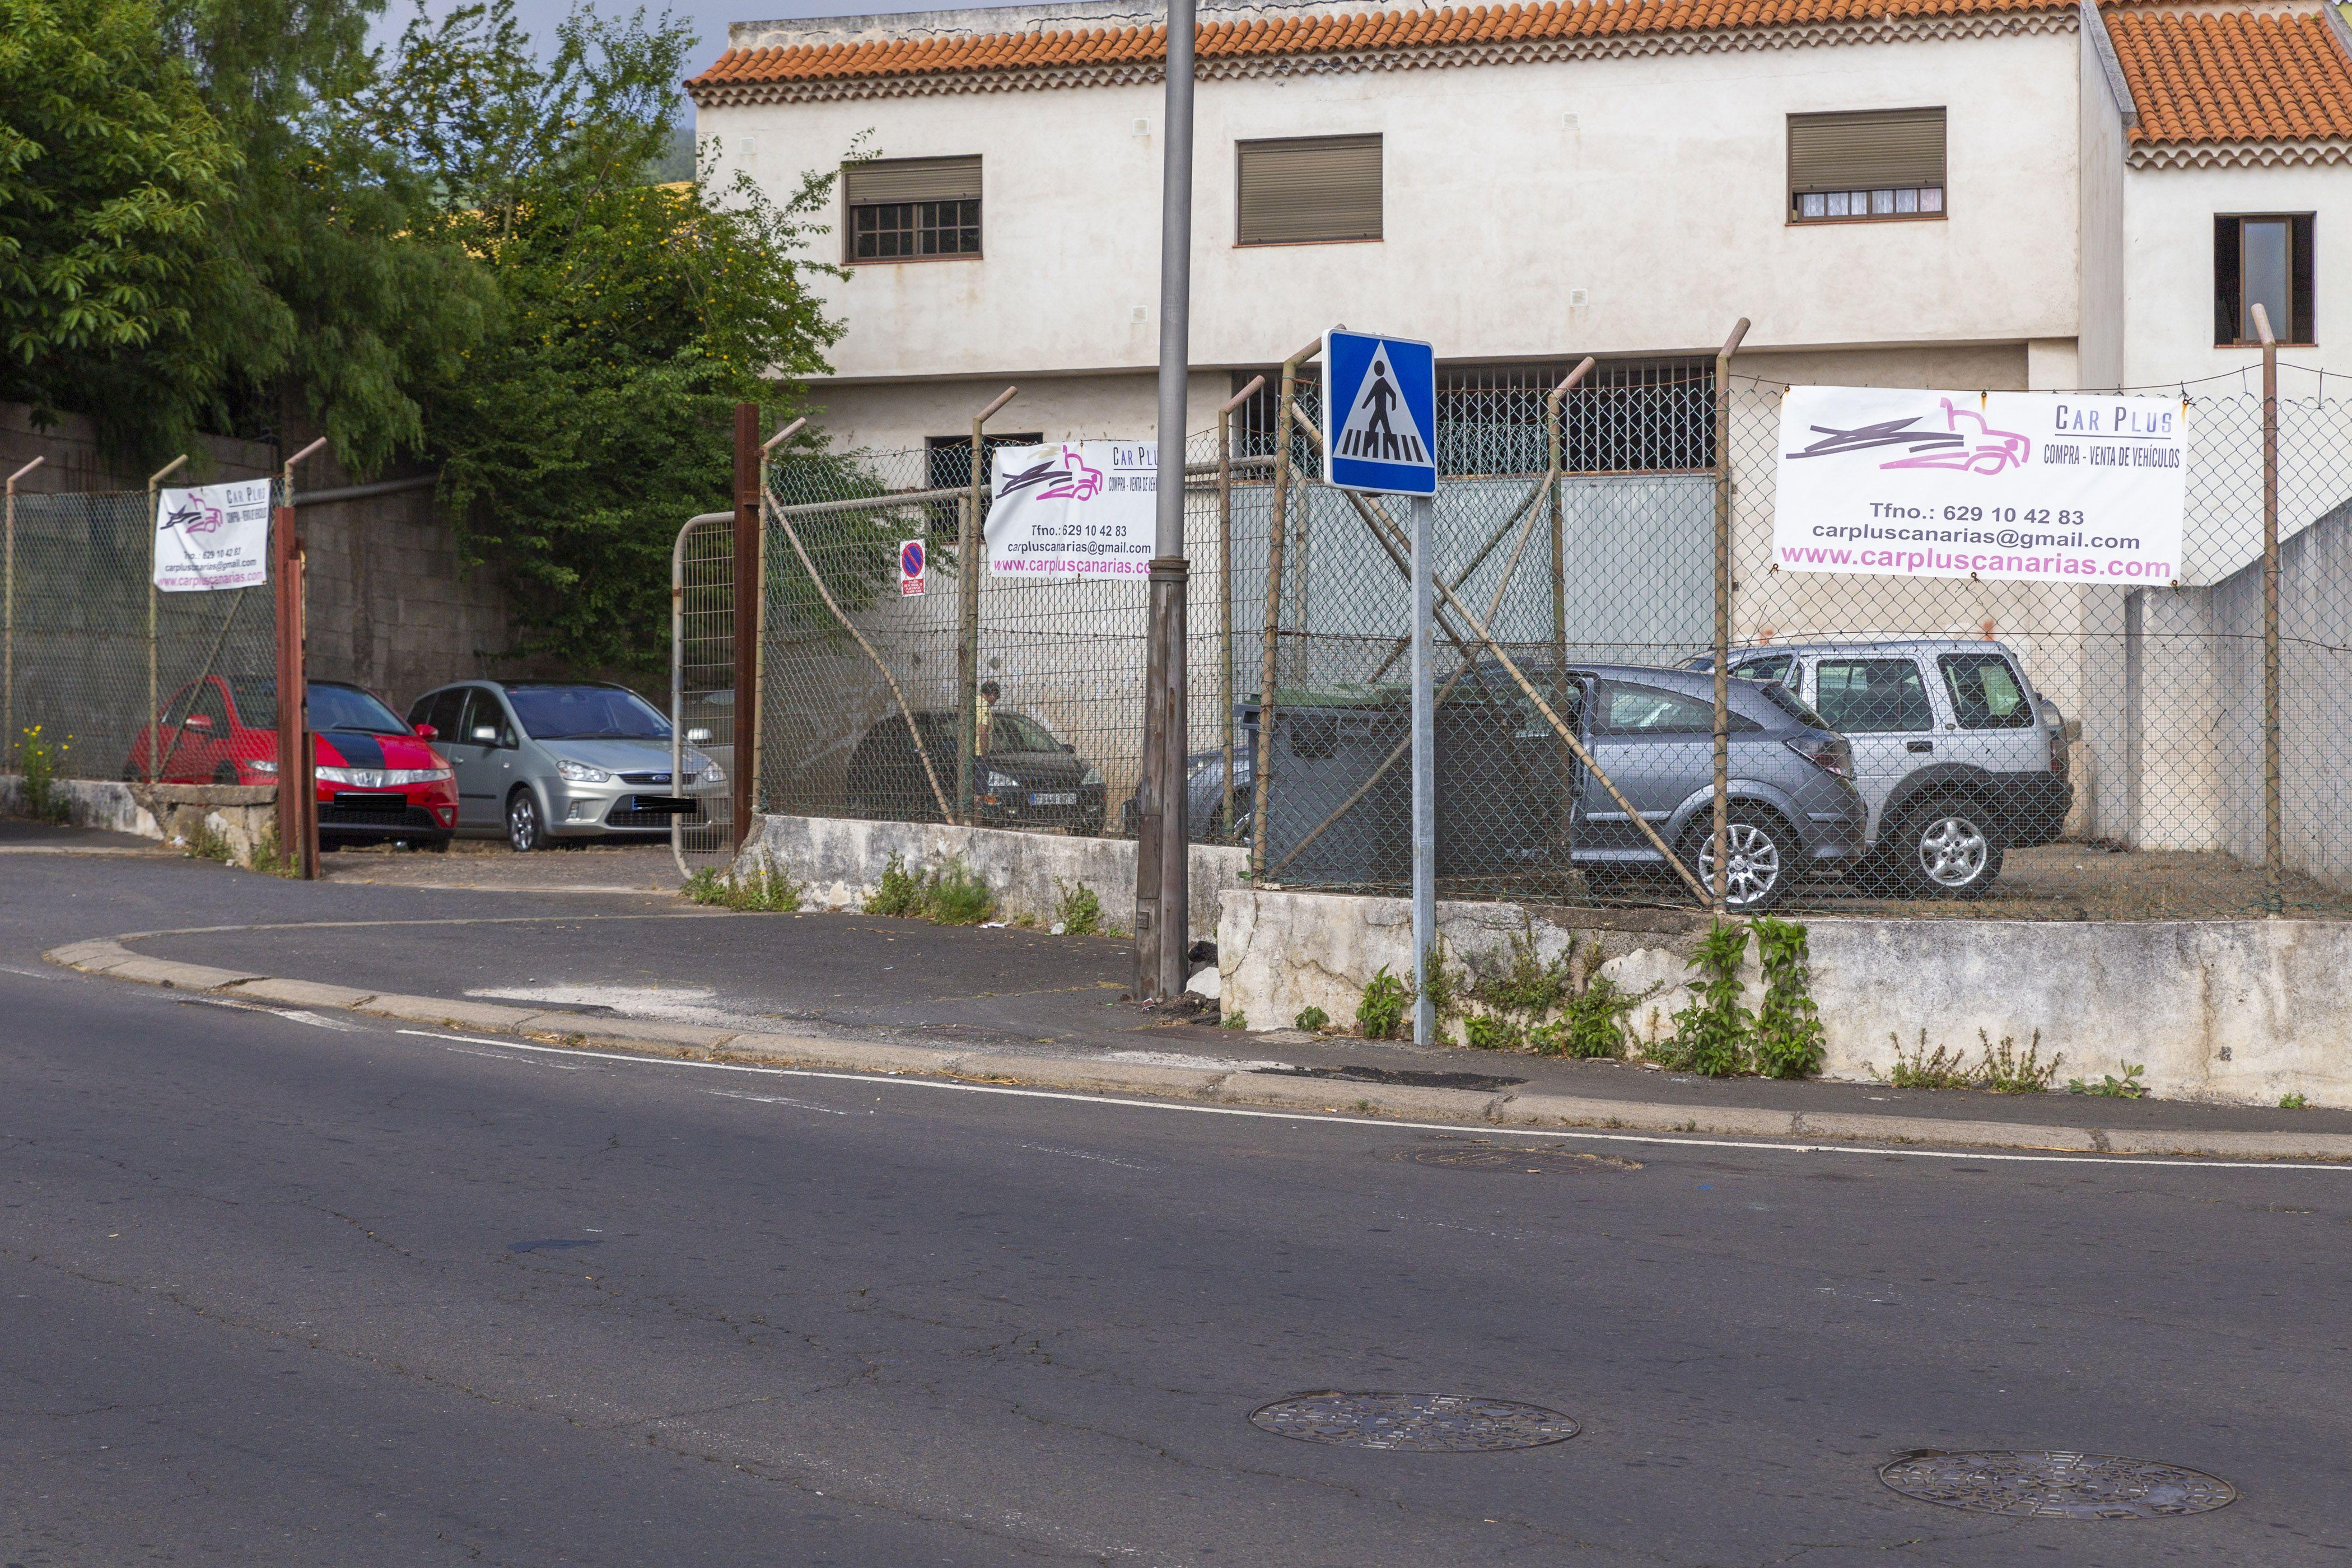 Exterior CAR PLUS CANARIAS